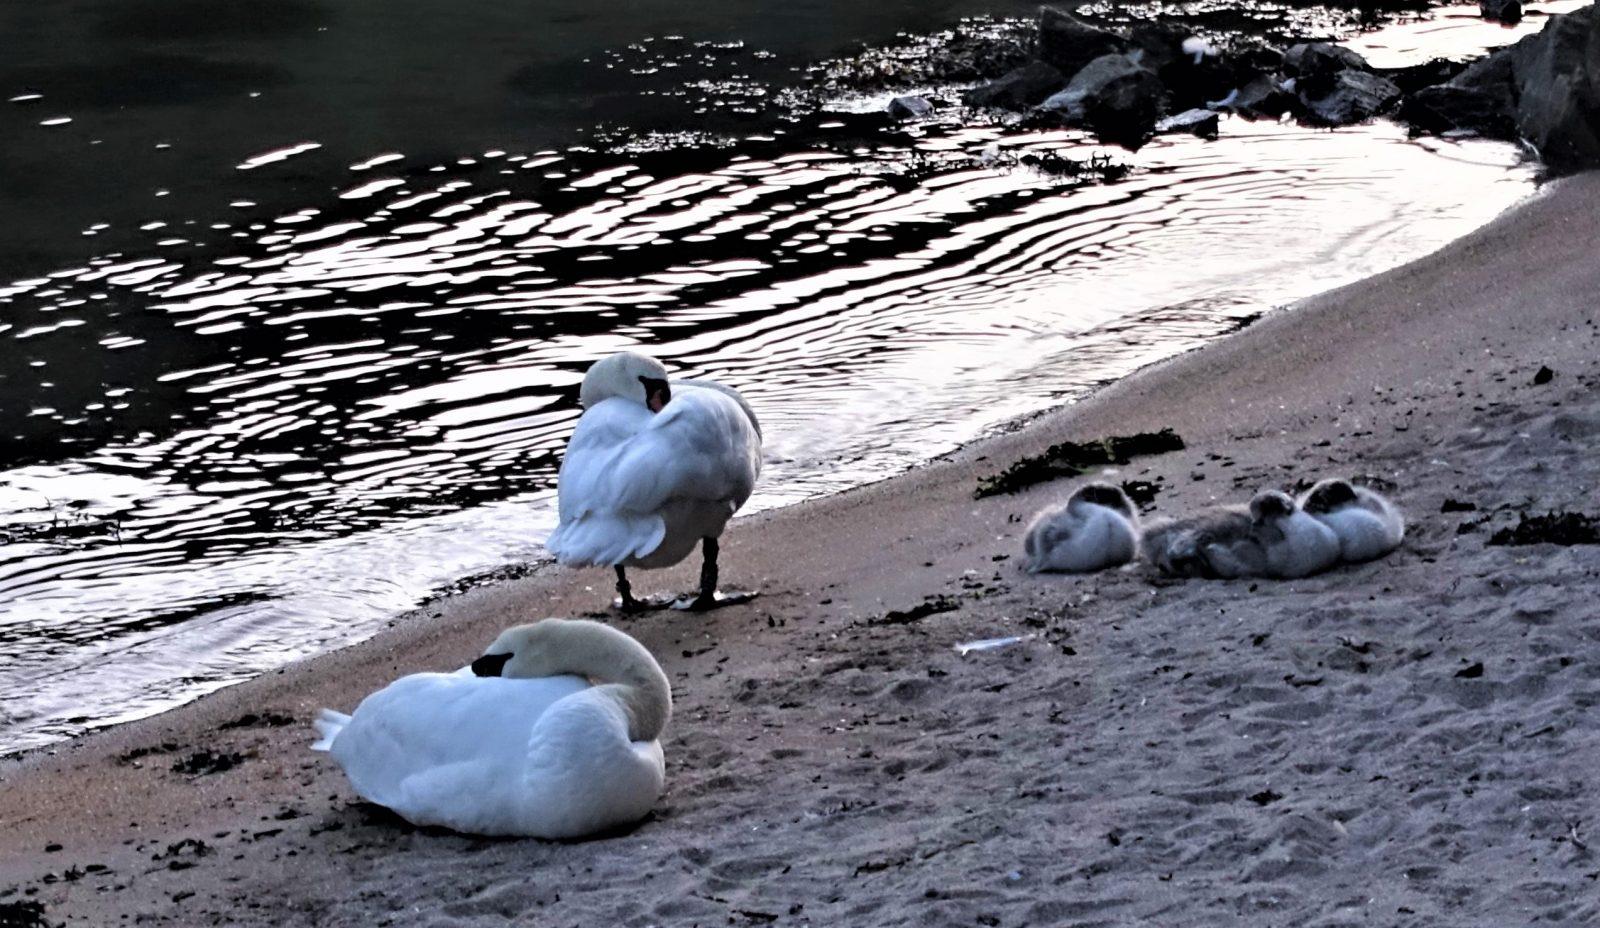 Svanefamilie på stranden oscarsborg